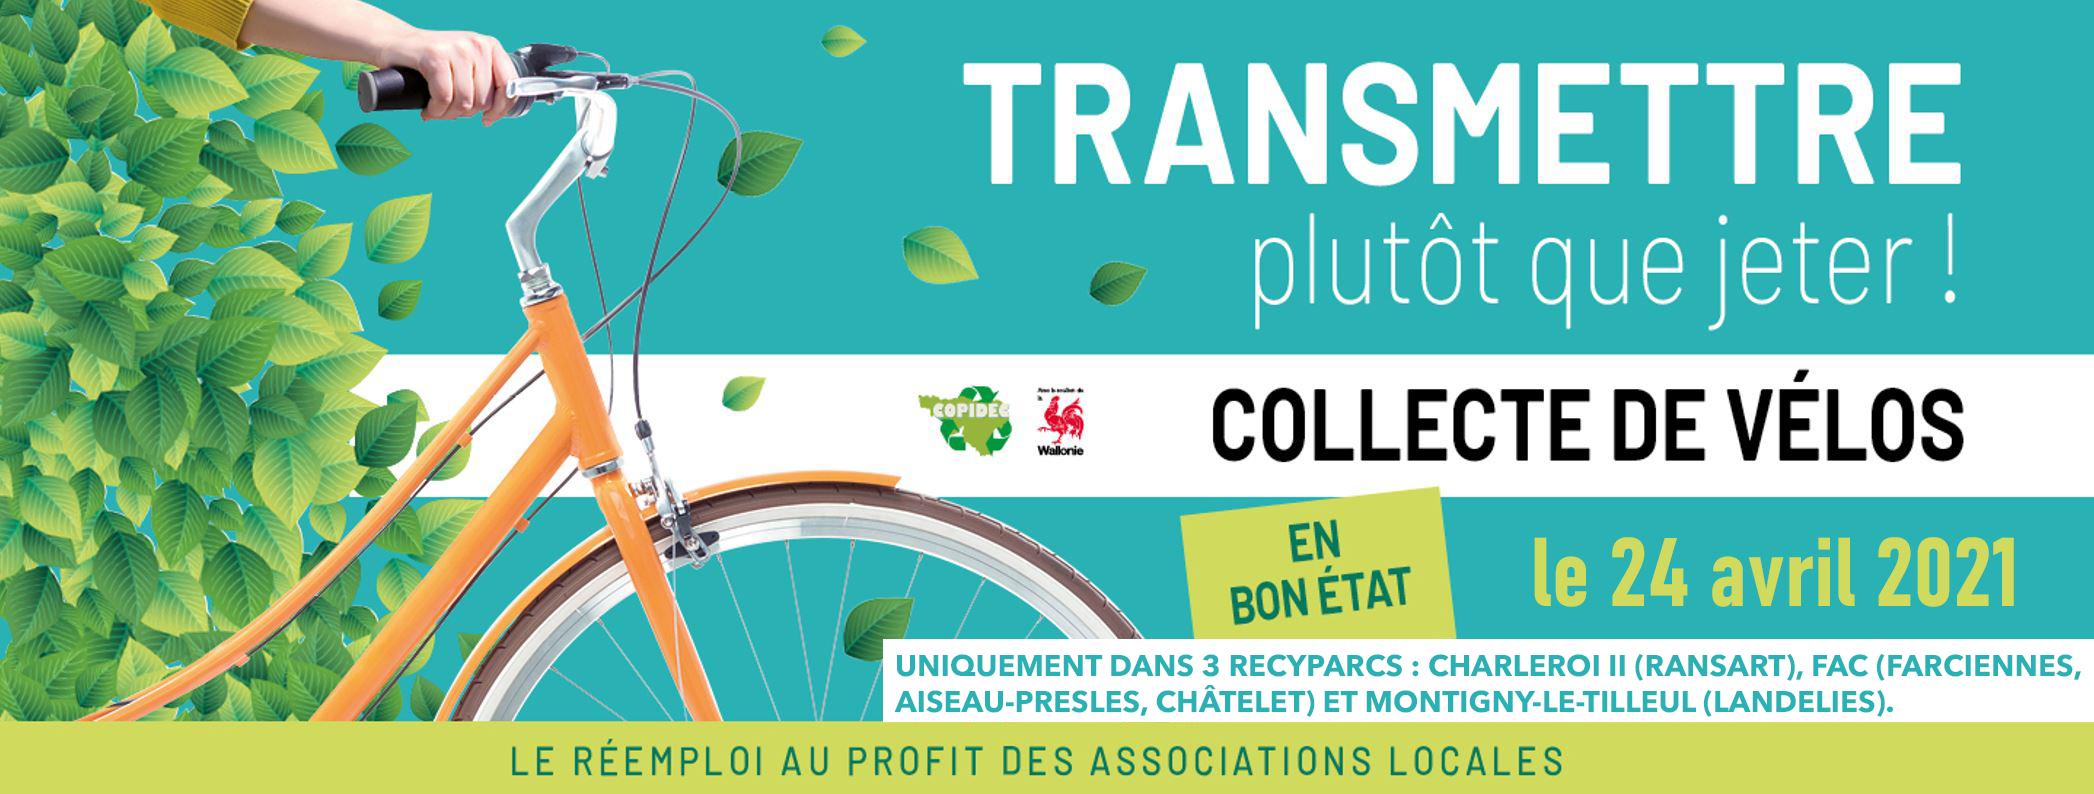 Collecte de vélos dans les recyparcs!